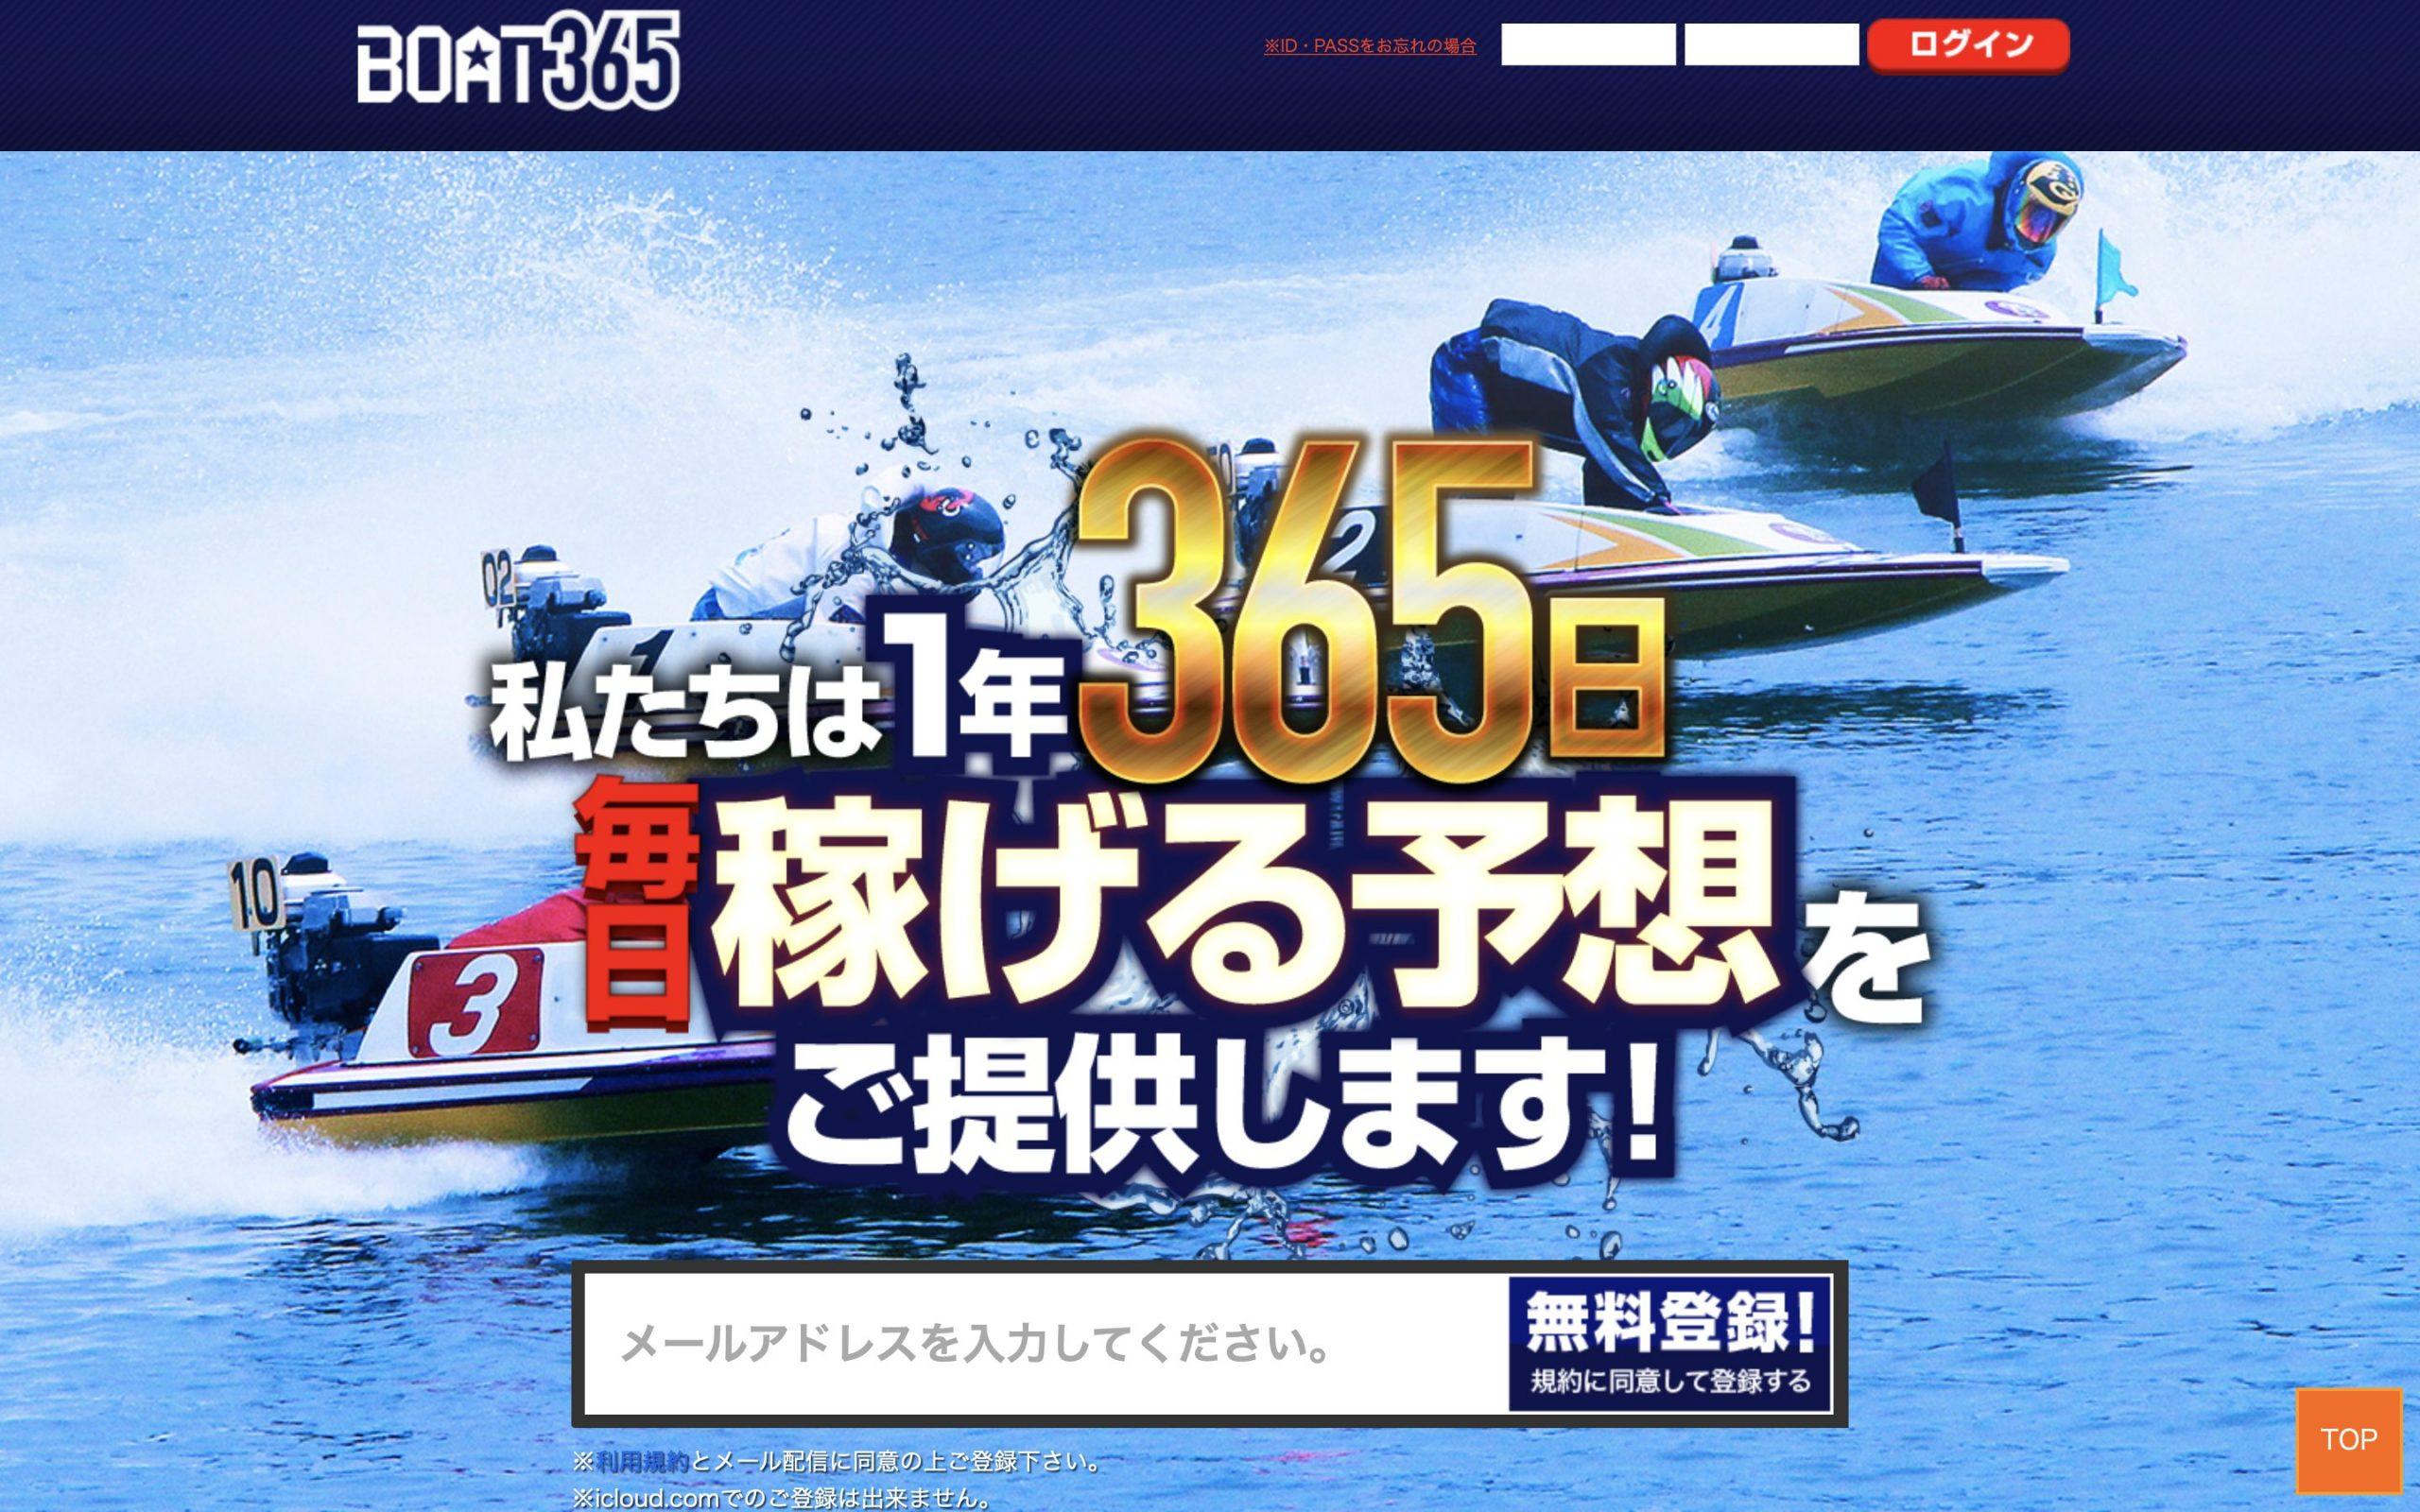 ボート365トップ